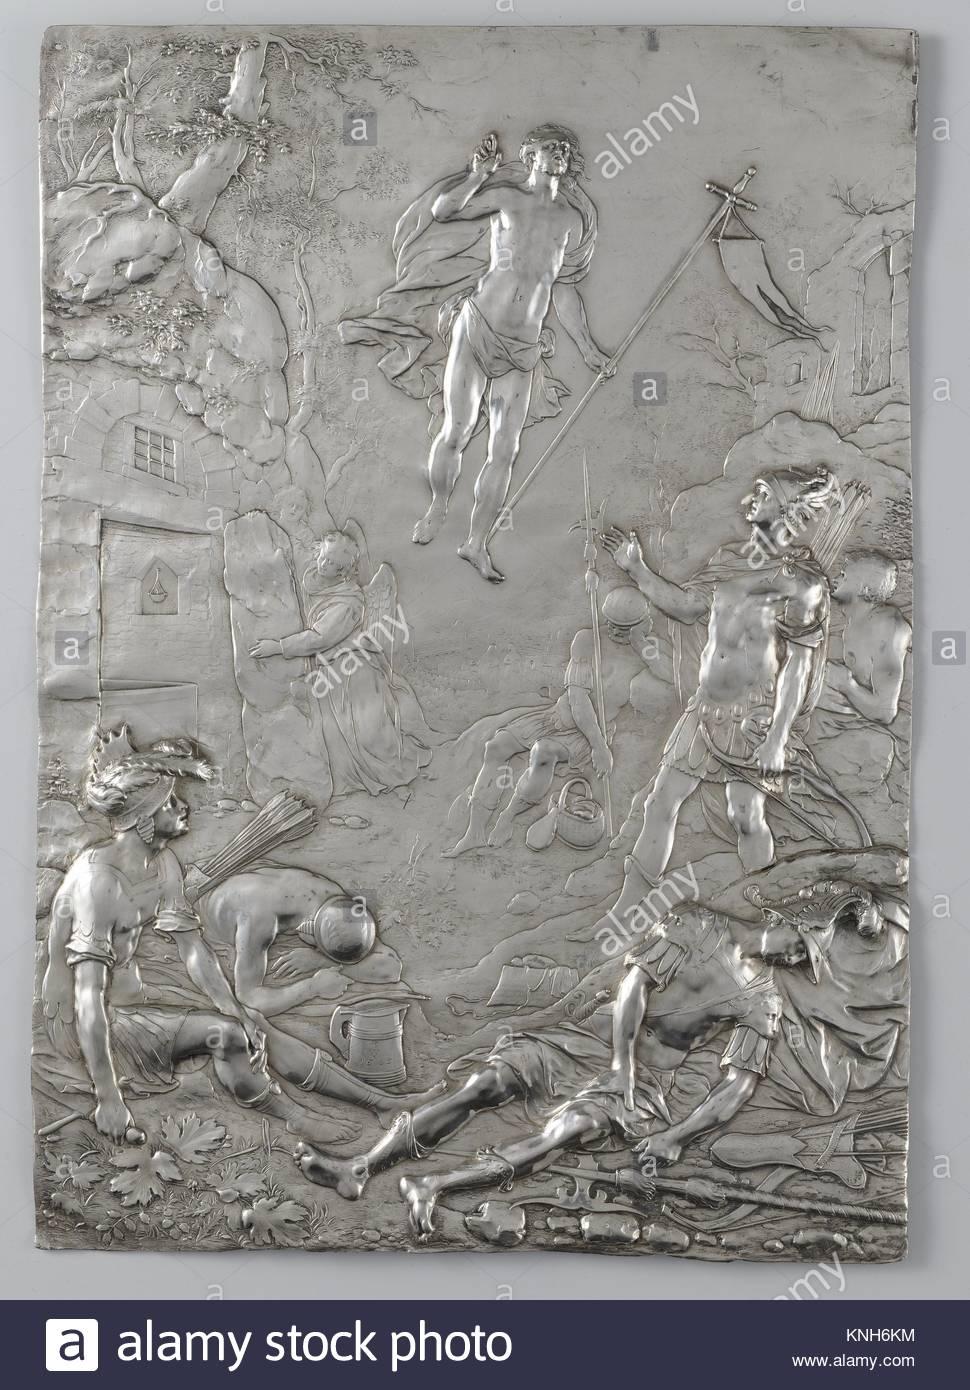 The Resurrection of Christ Paulus Willemsz. van Vianen, 1605 - Stock Image